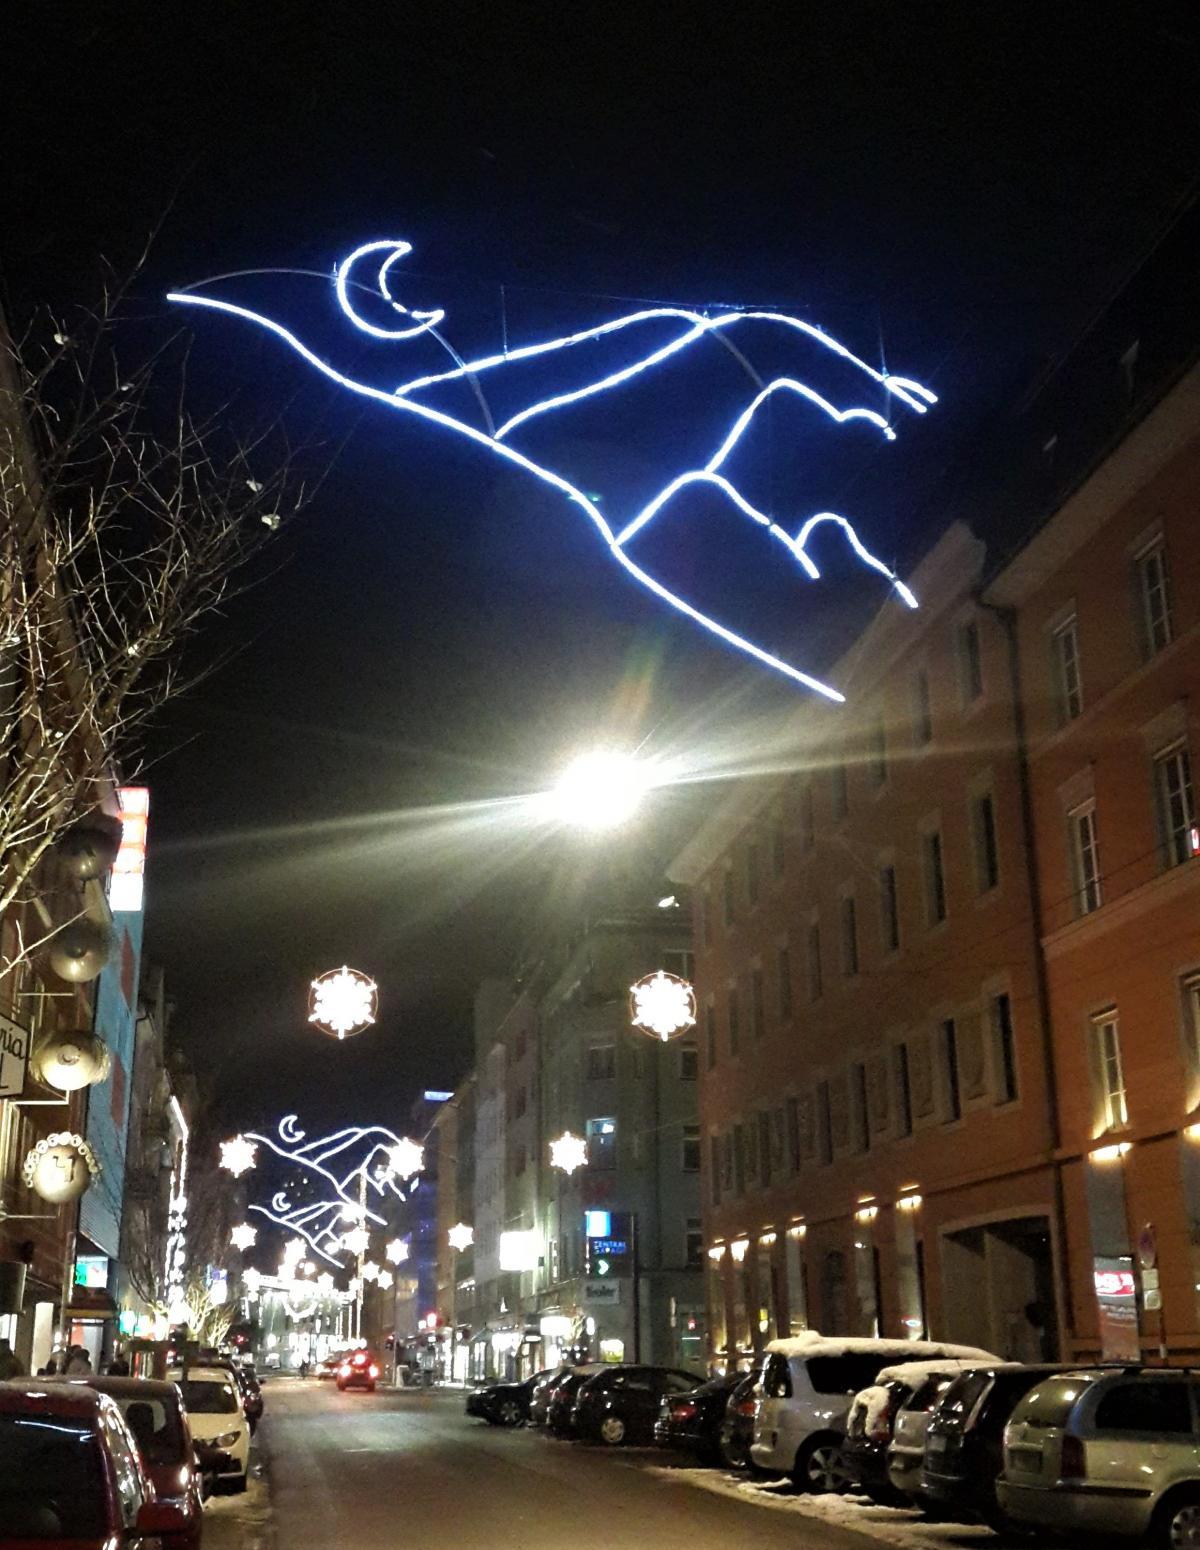 В Инсбруке очень креативно подходят к рождественскому оформлению / Фото Марина Григоренко